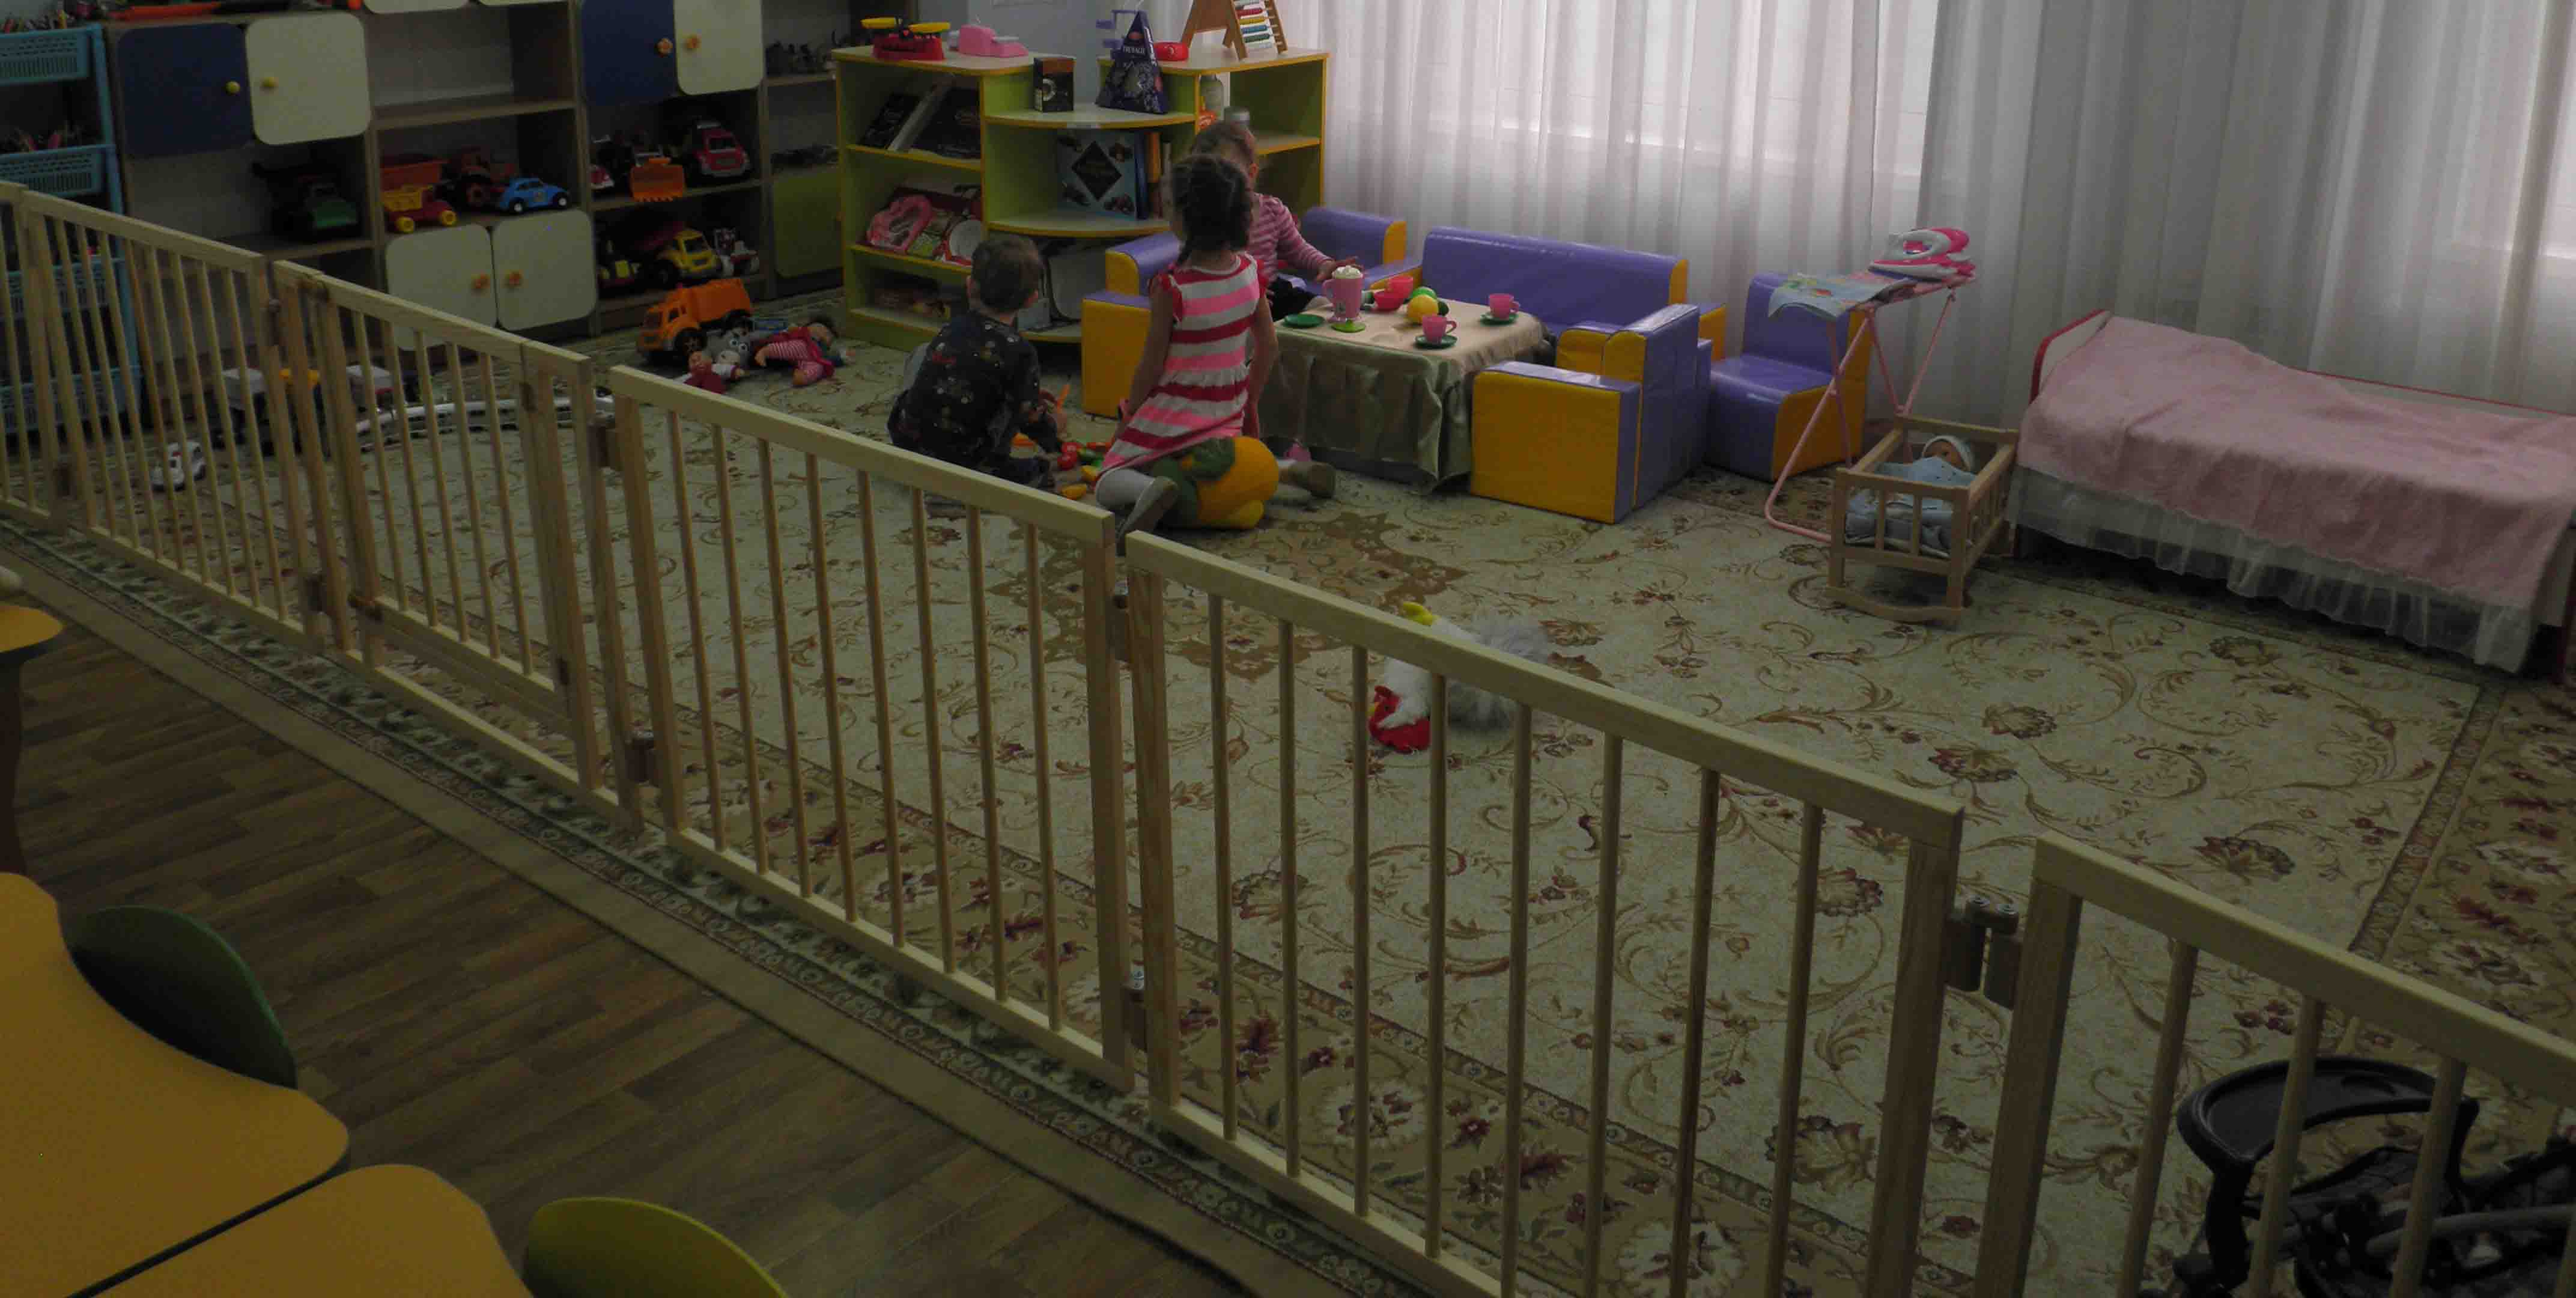 Купить детский манеж от опасностей в интернет магазине Manezhi.com